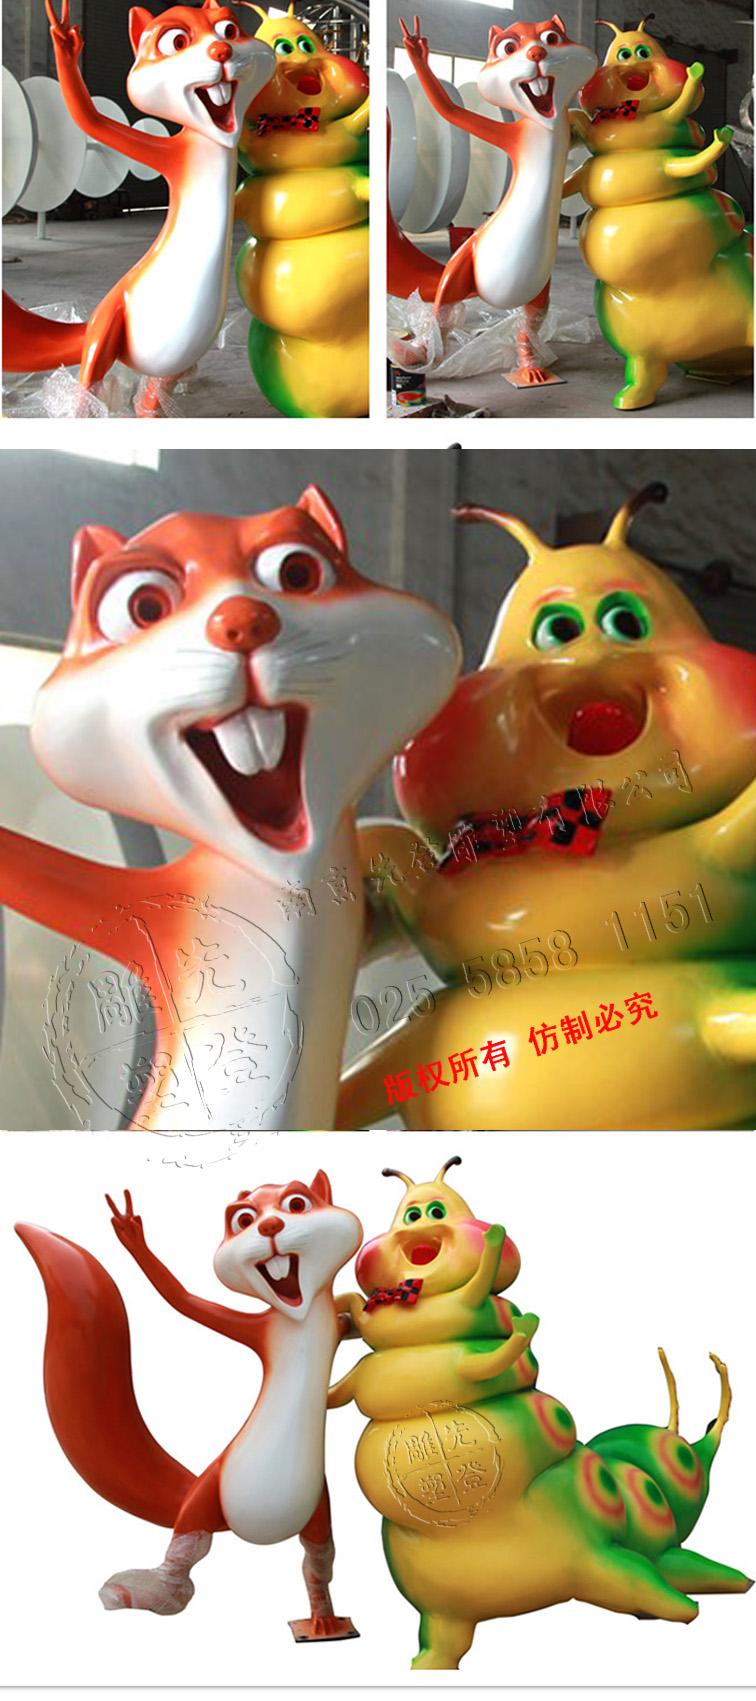 甲壳虫雕塑品玻璃钢卡通动物雕塑广场小雕塑品东郭